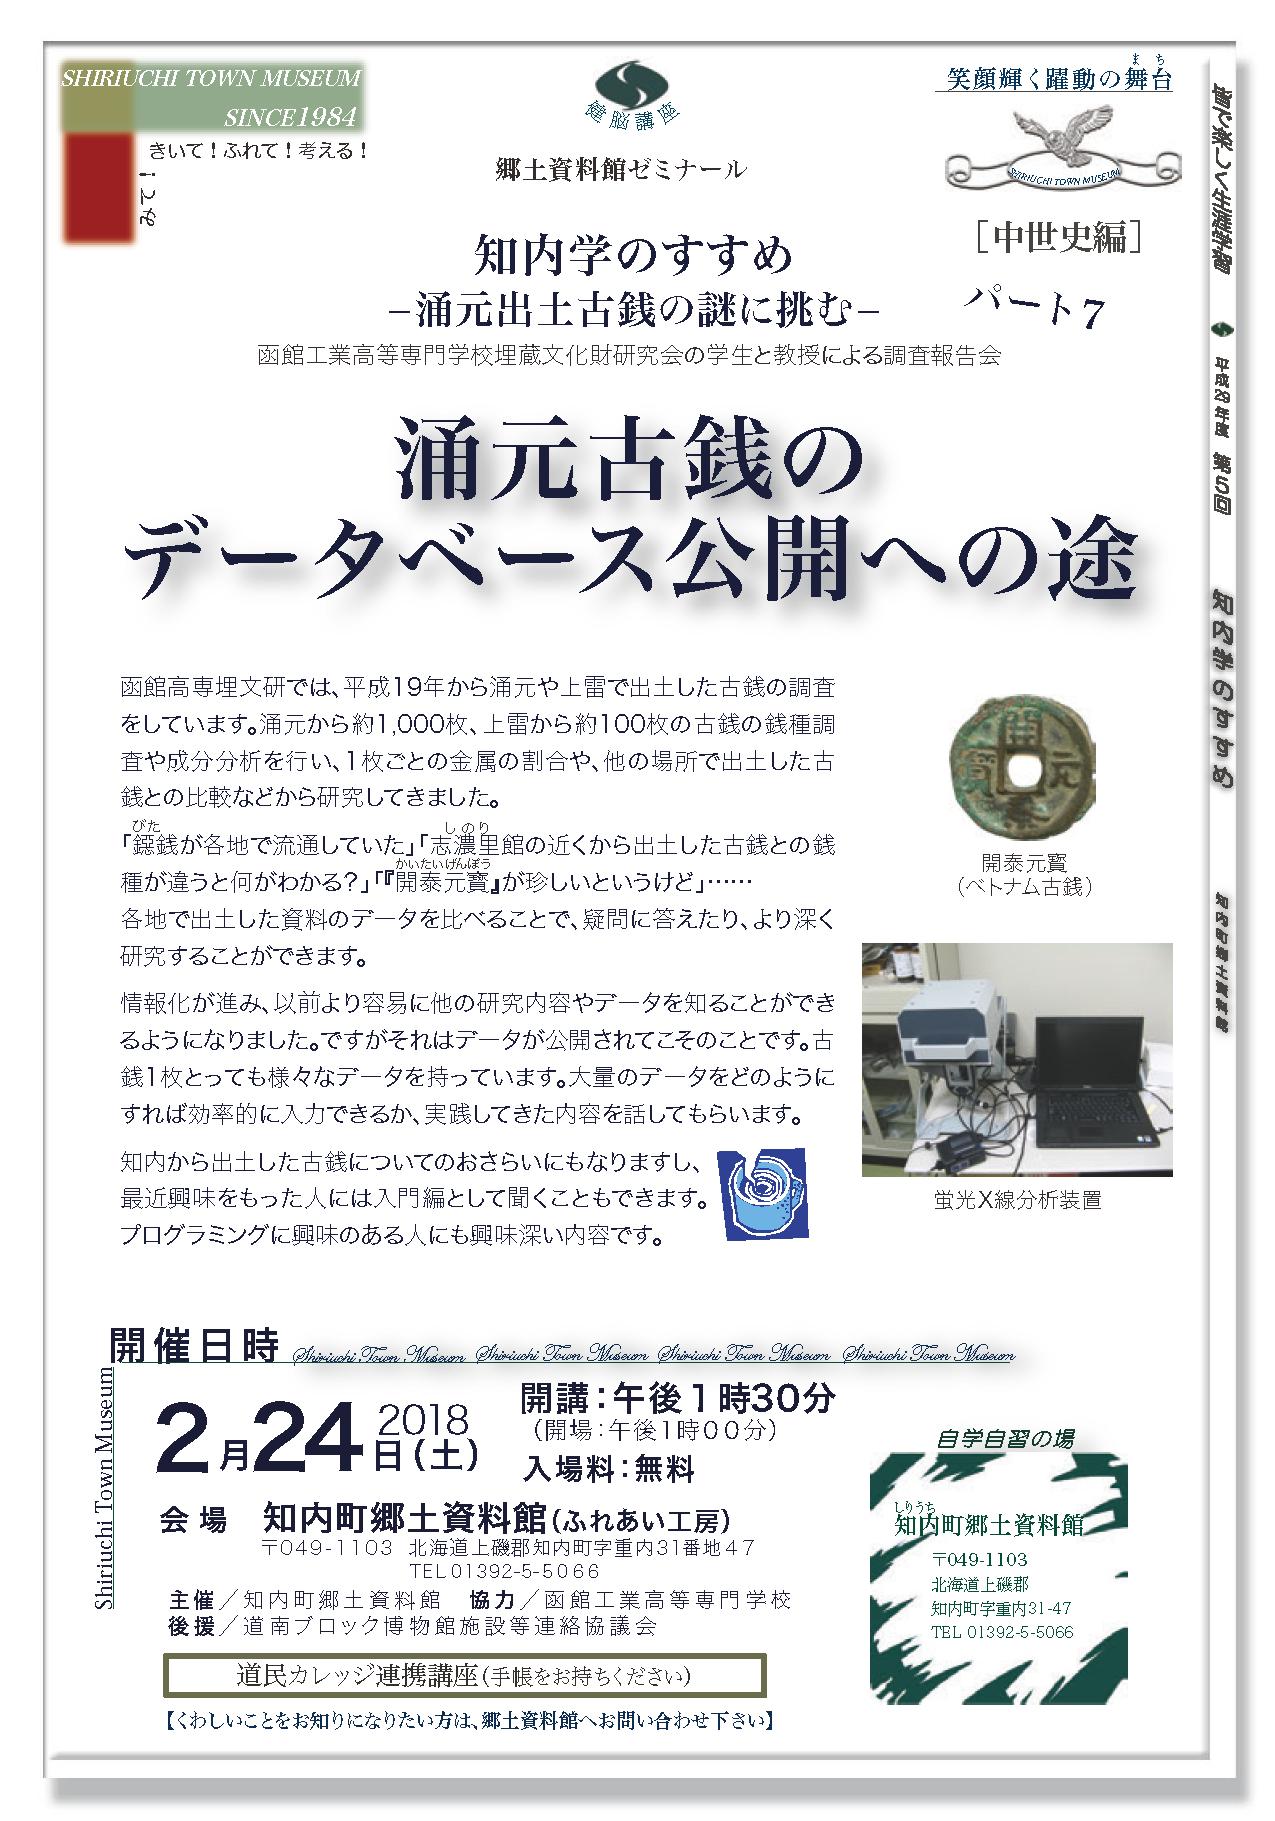 [知内町]「涌元古銭のデータベース公開への途」_f0228071_20454609.png